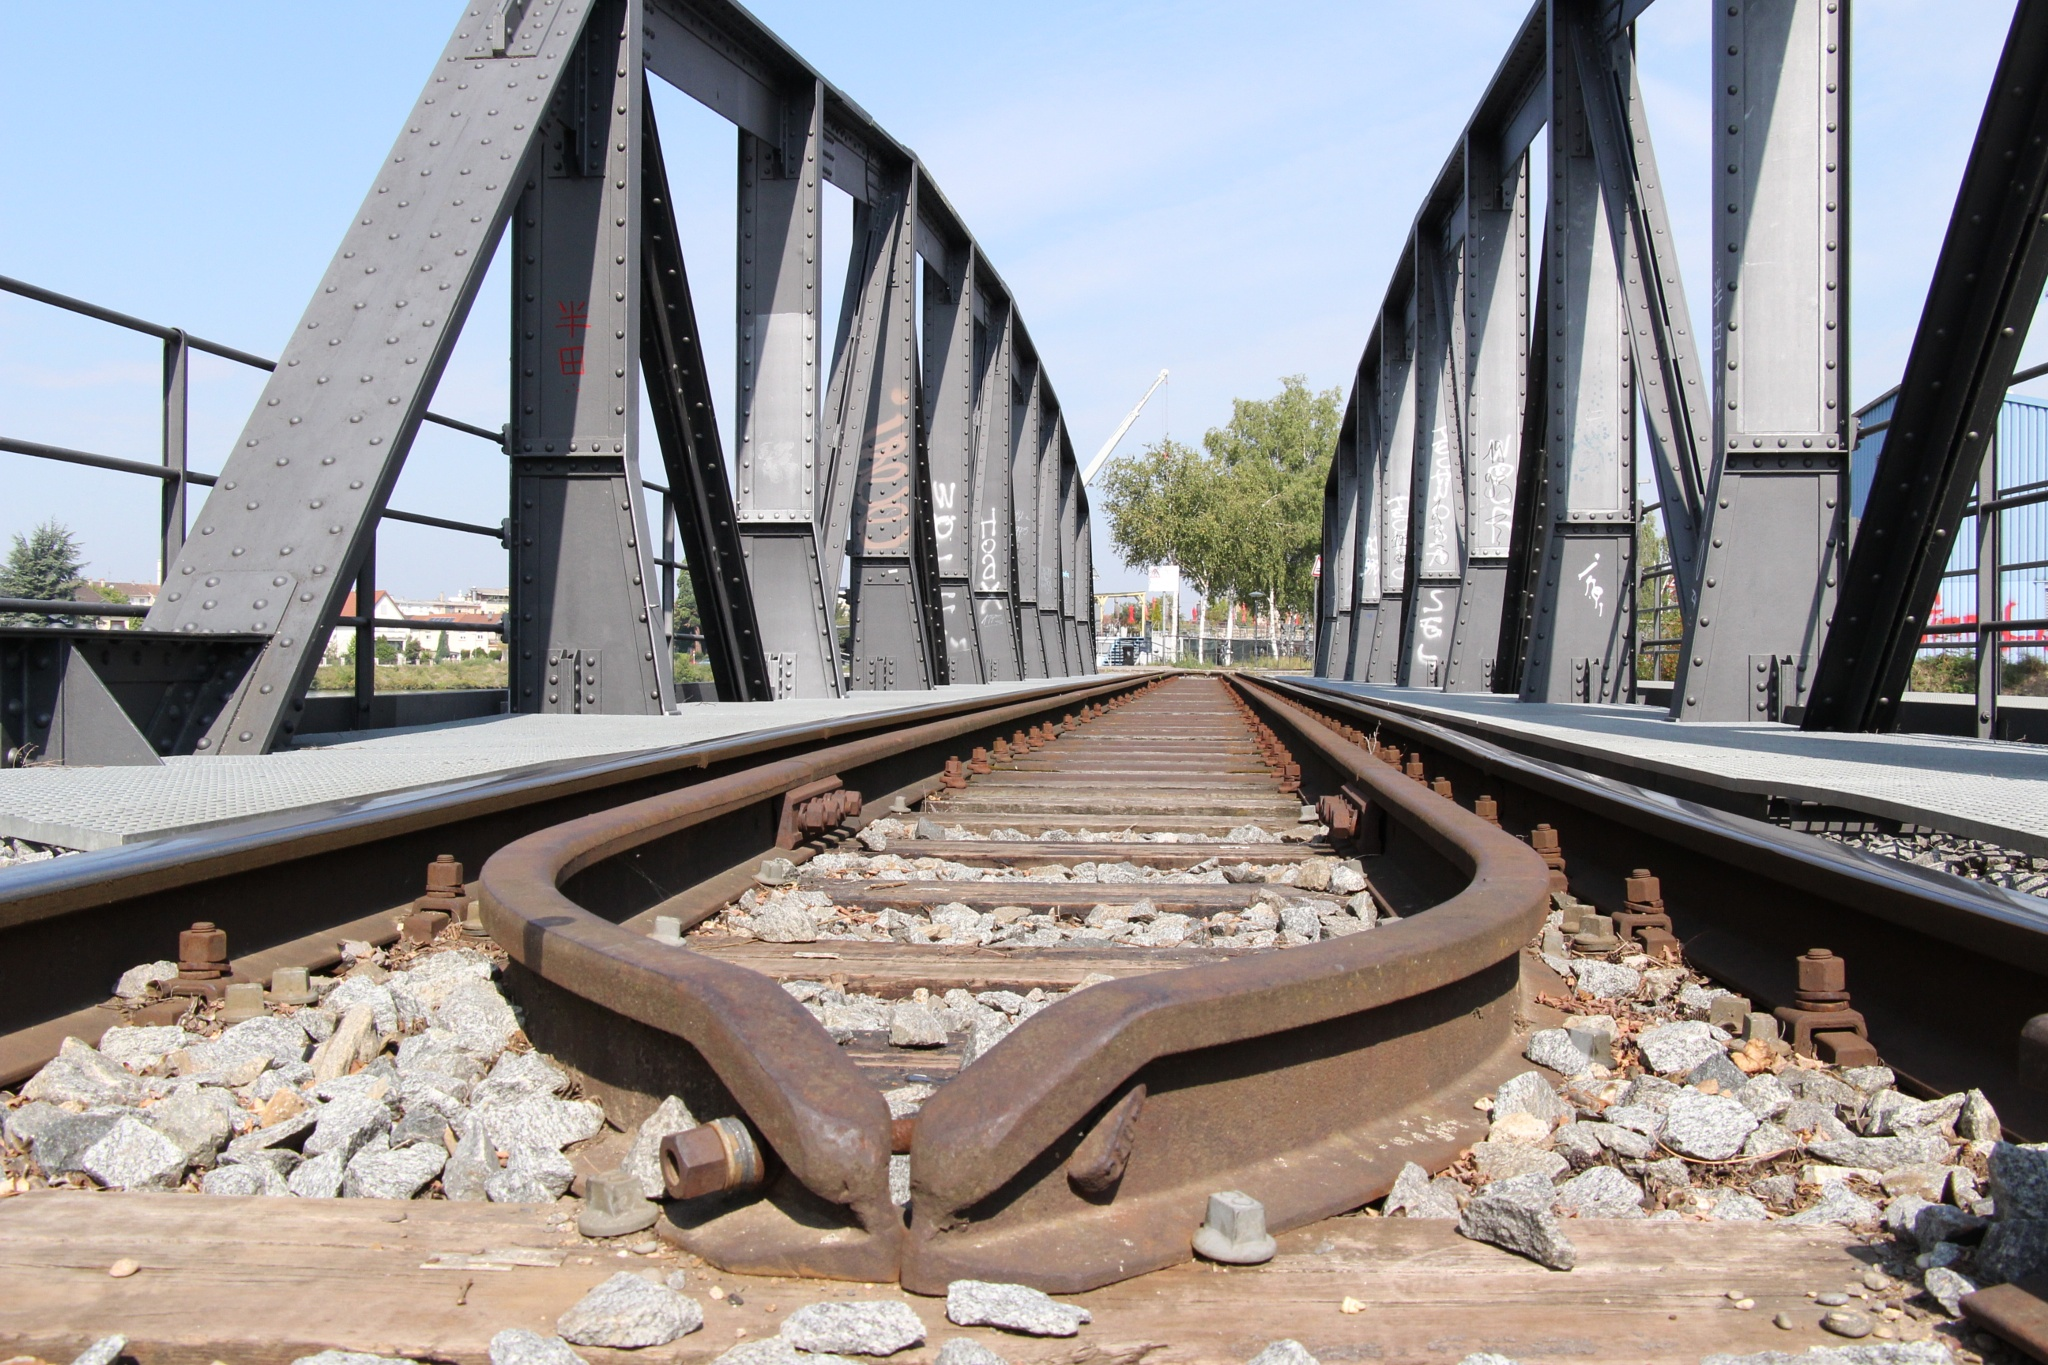 Railway bridge in Basel near the Dreiländereck by wimederveen